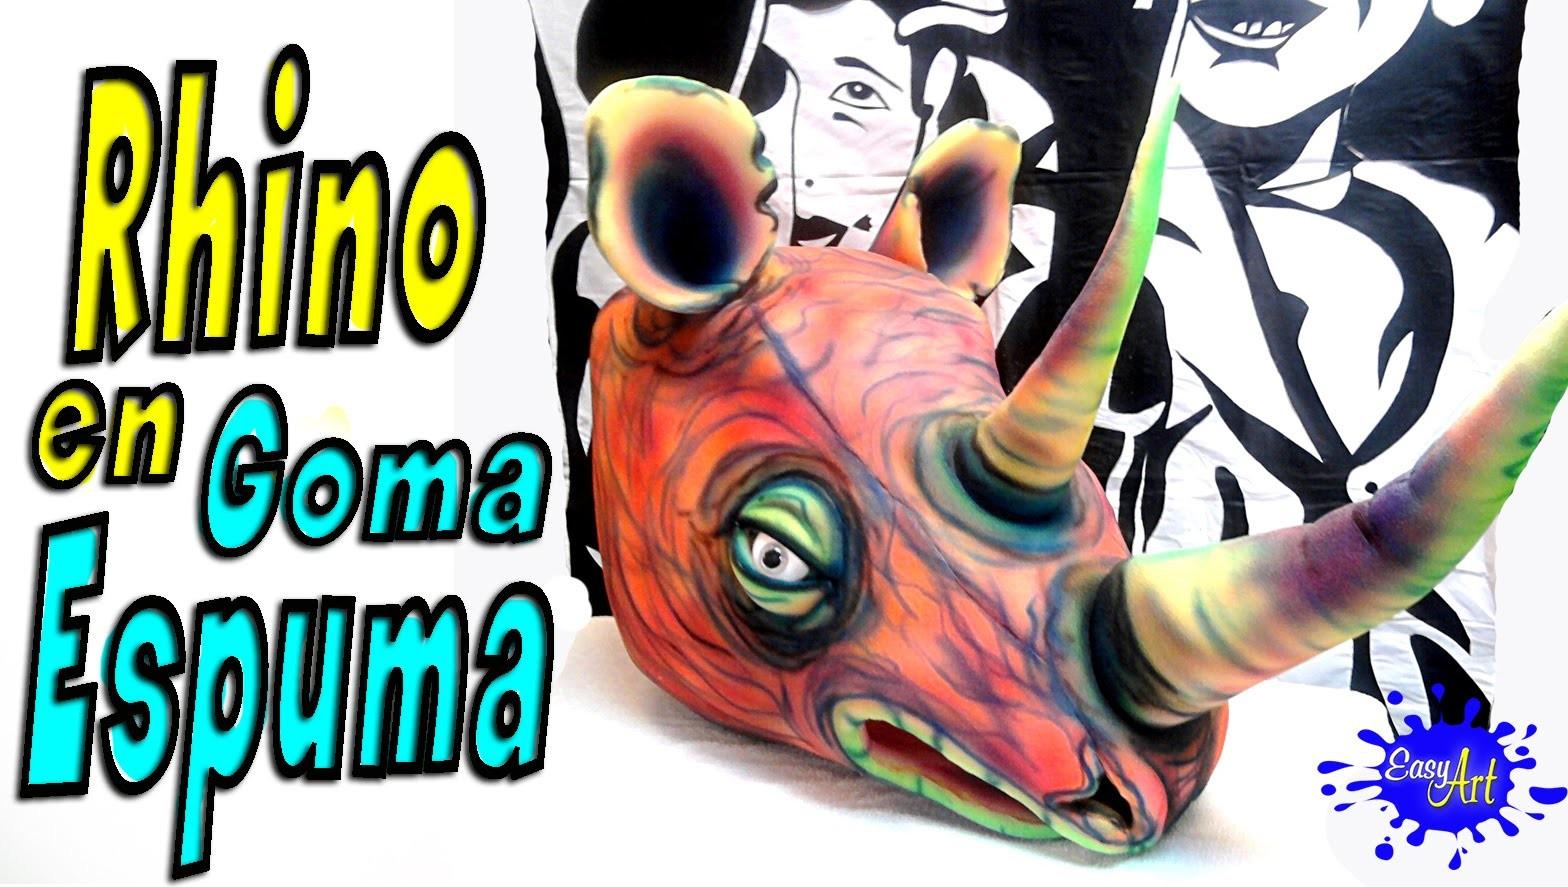 Animal masks - disfraz halloween- Rinoceronte en goma espuma - gorros de goma espuma